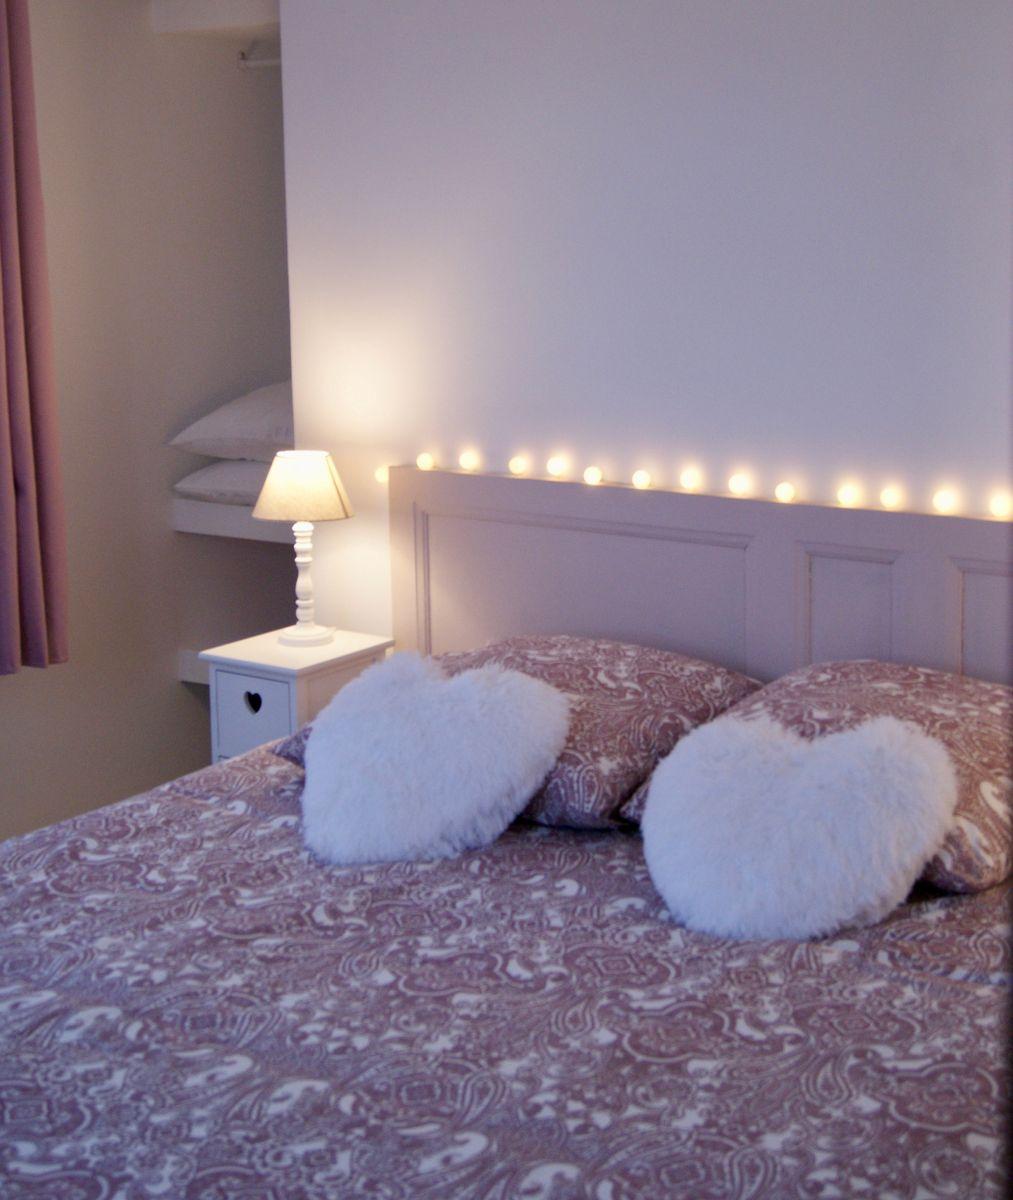 Chambre Rose - Lit en 160x200 ou 2 lits en 80x200 à votre convenance.